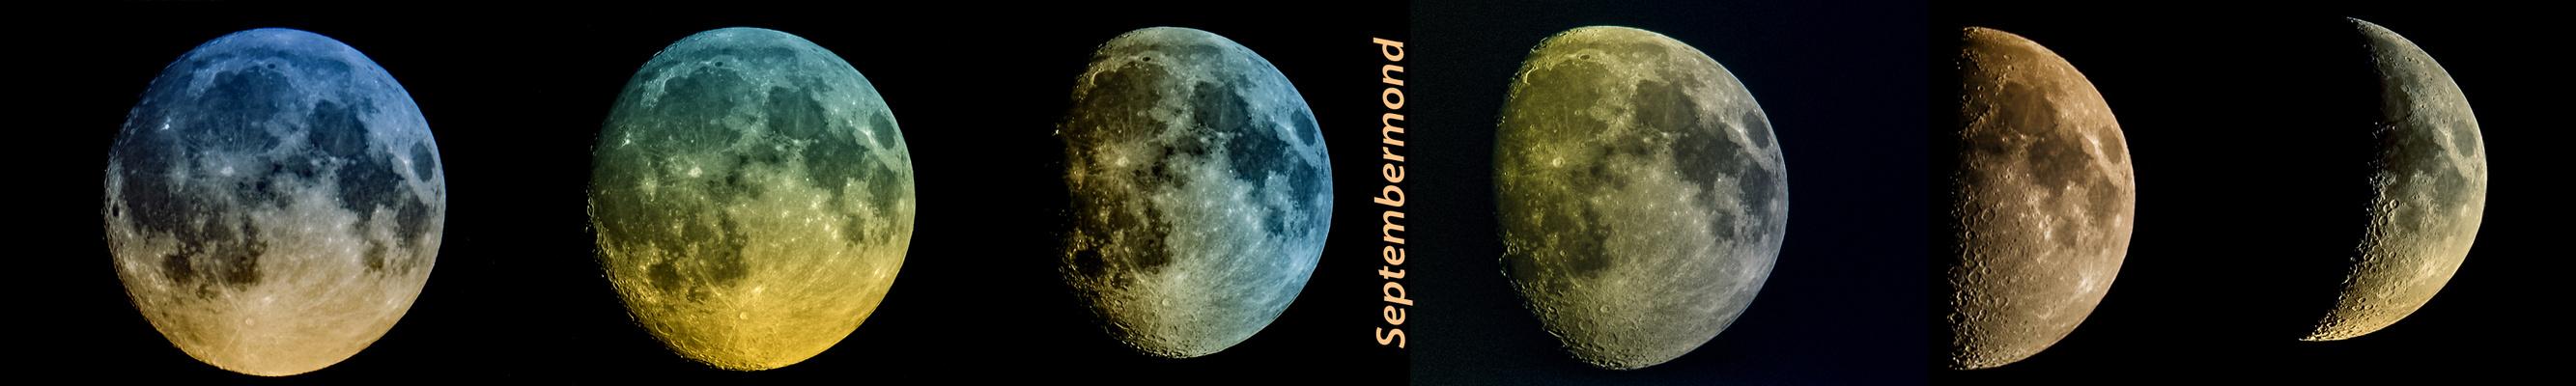 Septembermond Collage von rechts nach links (Tonung der jeweiligen Realität angepasst)